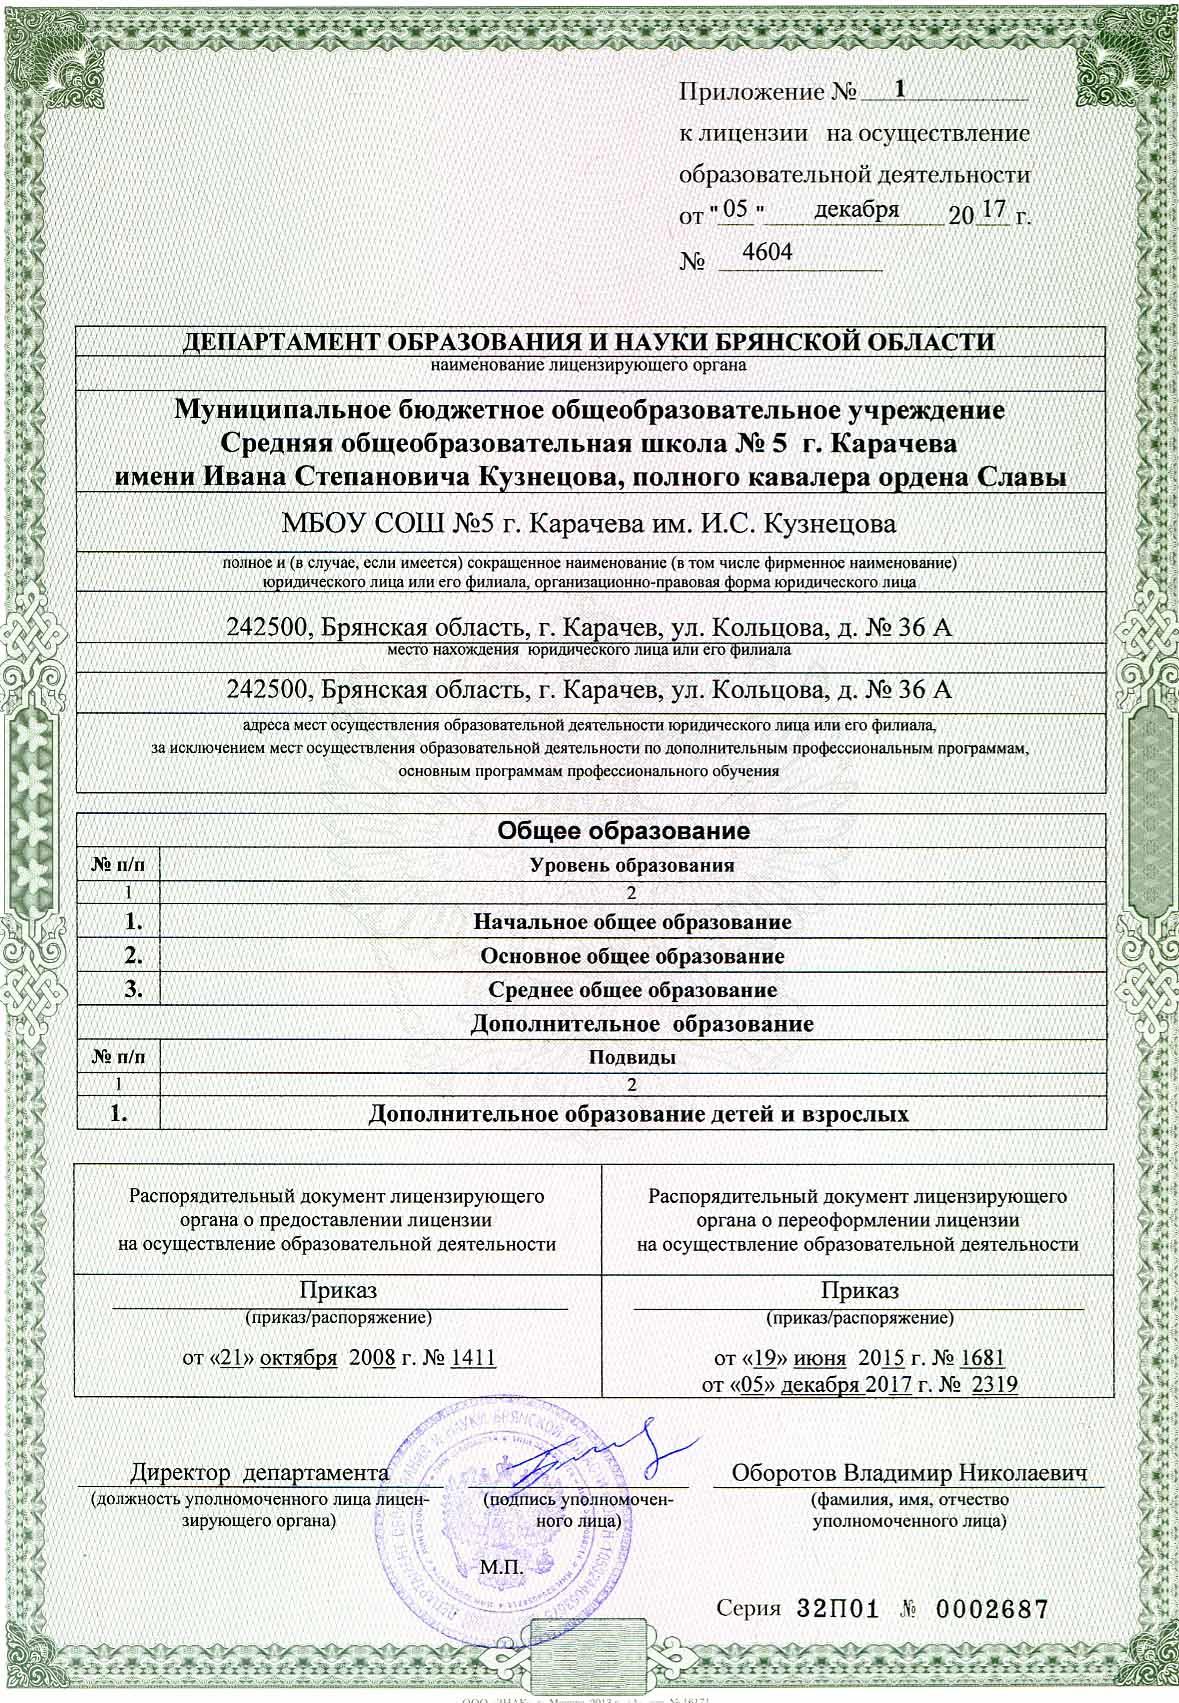 Лицензия 4604 париложение